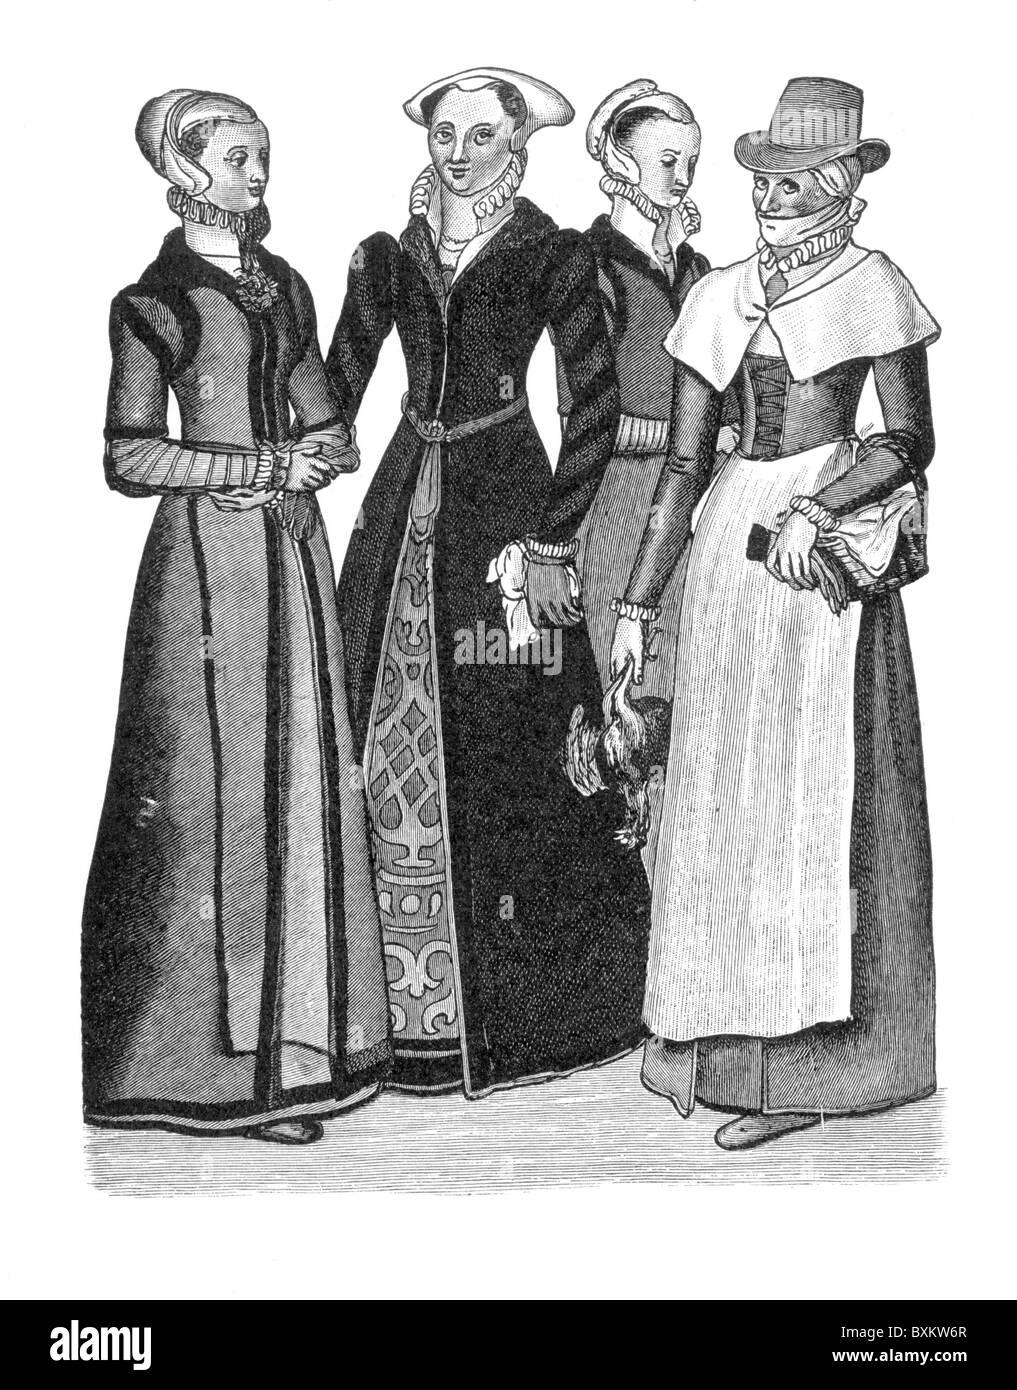 Costumes de l'Burgher-Women et une femme de la campagne; 16e siècle; noir et blanc Illustration; Photo Stock